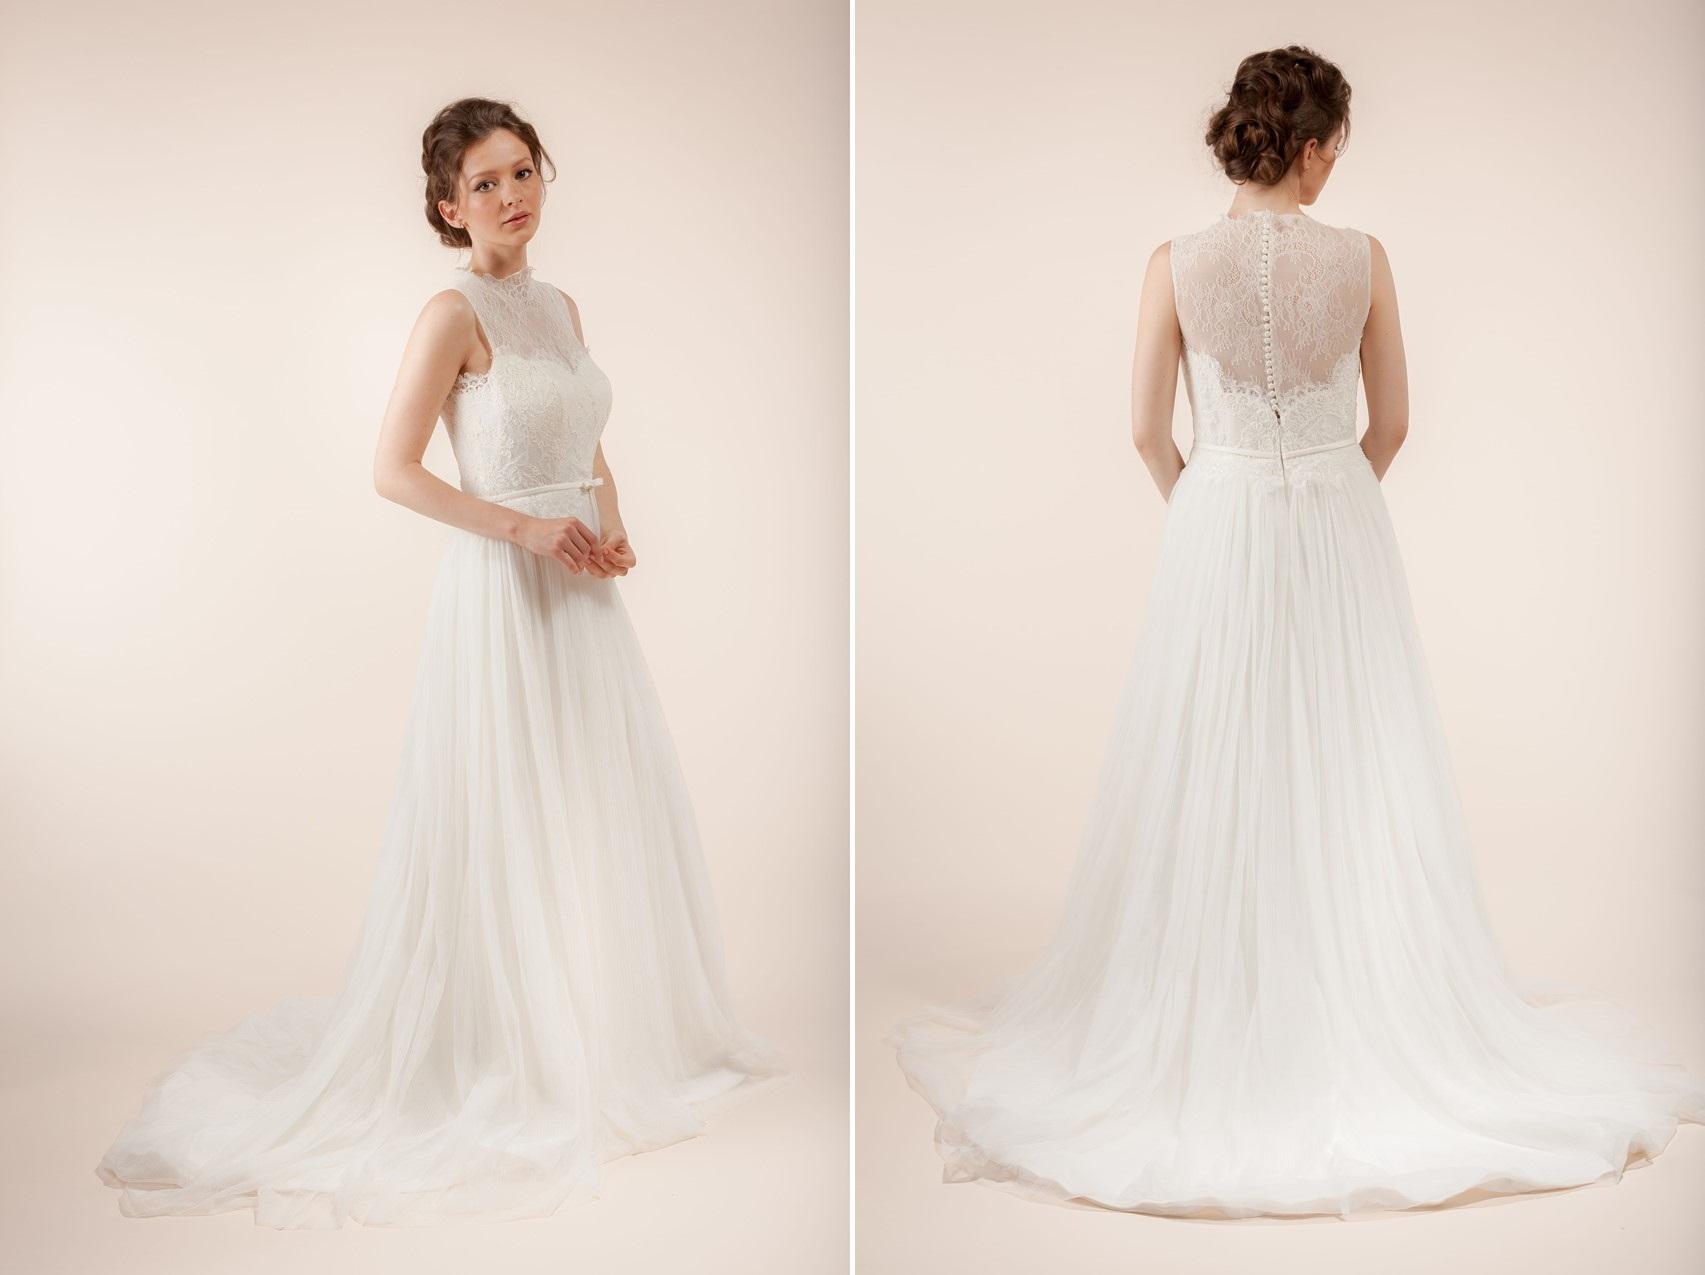 Wedding Dress - Wanlu Bridal